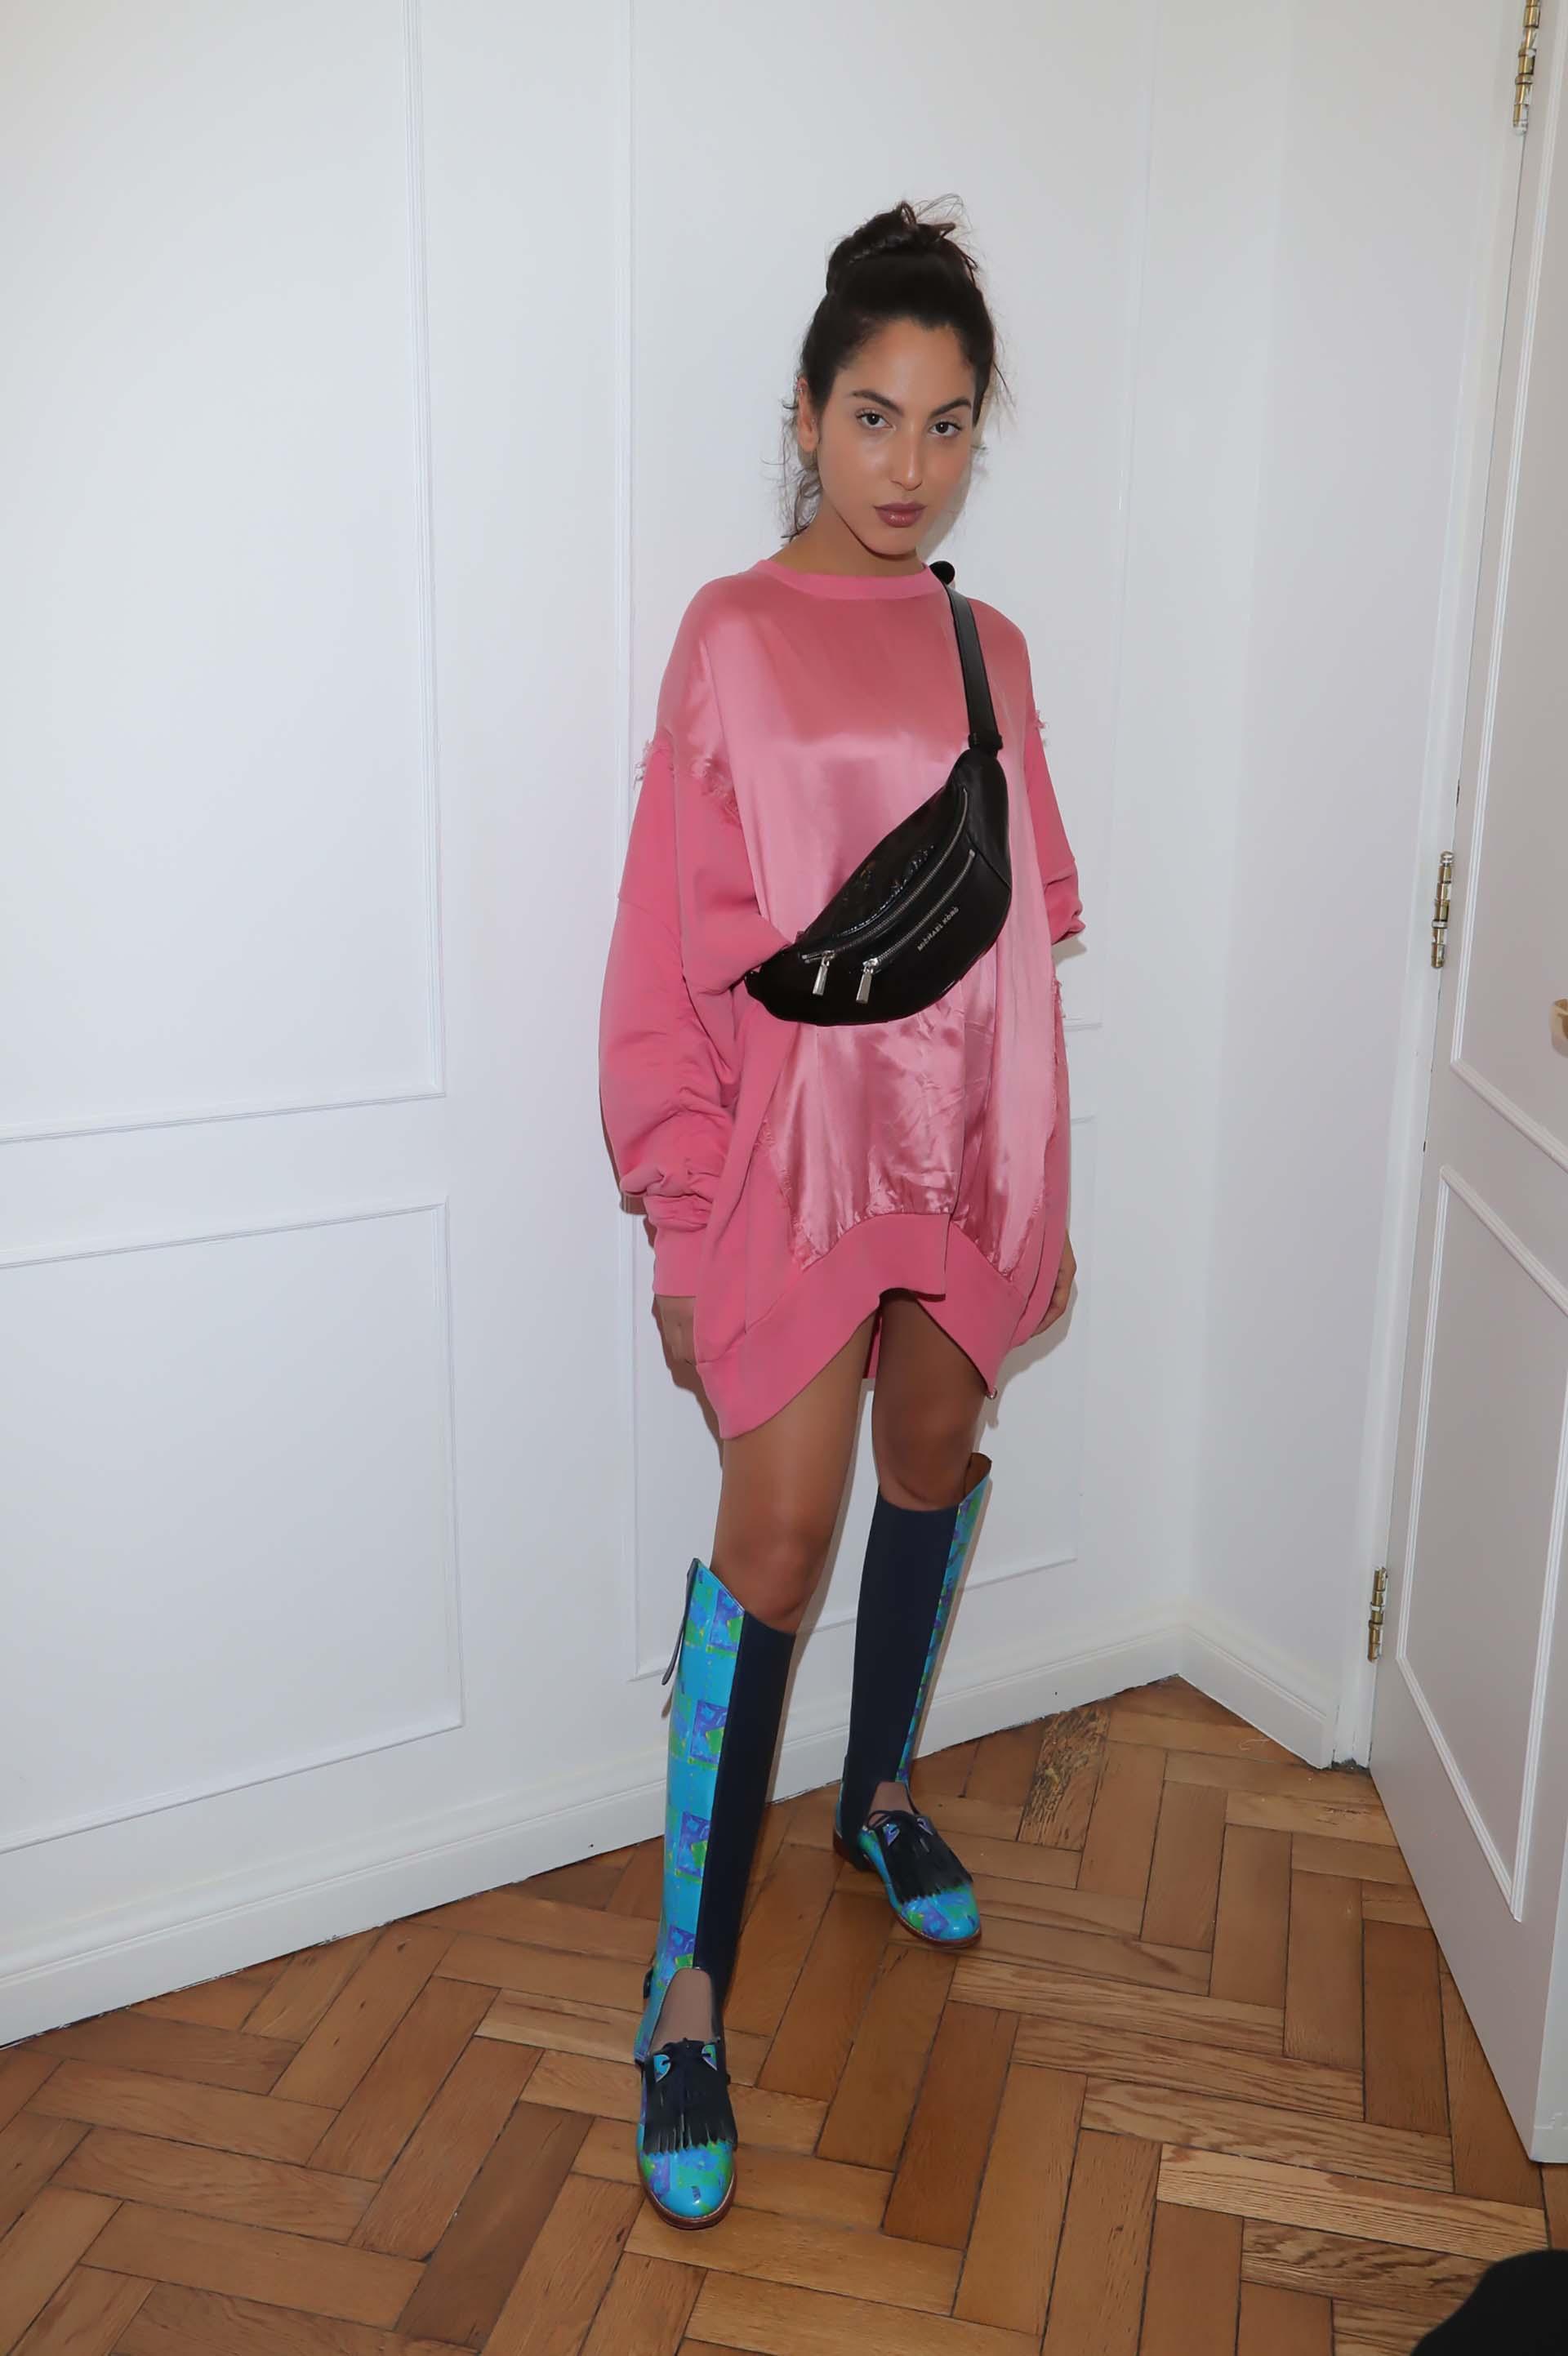 La modelo Alexia Toumikian